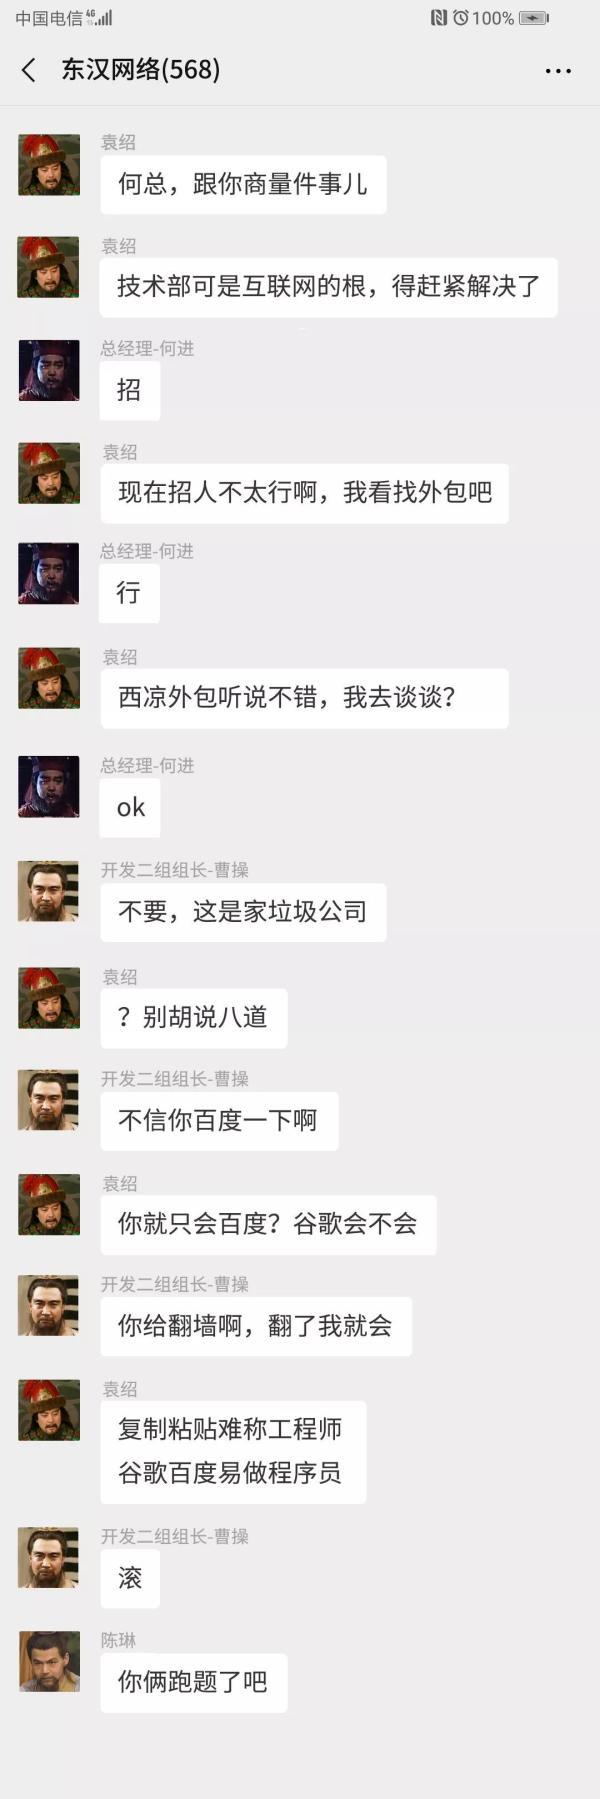 假如曹操是一名程序员,会发生什么?